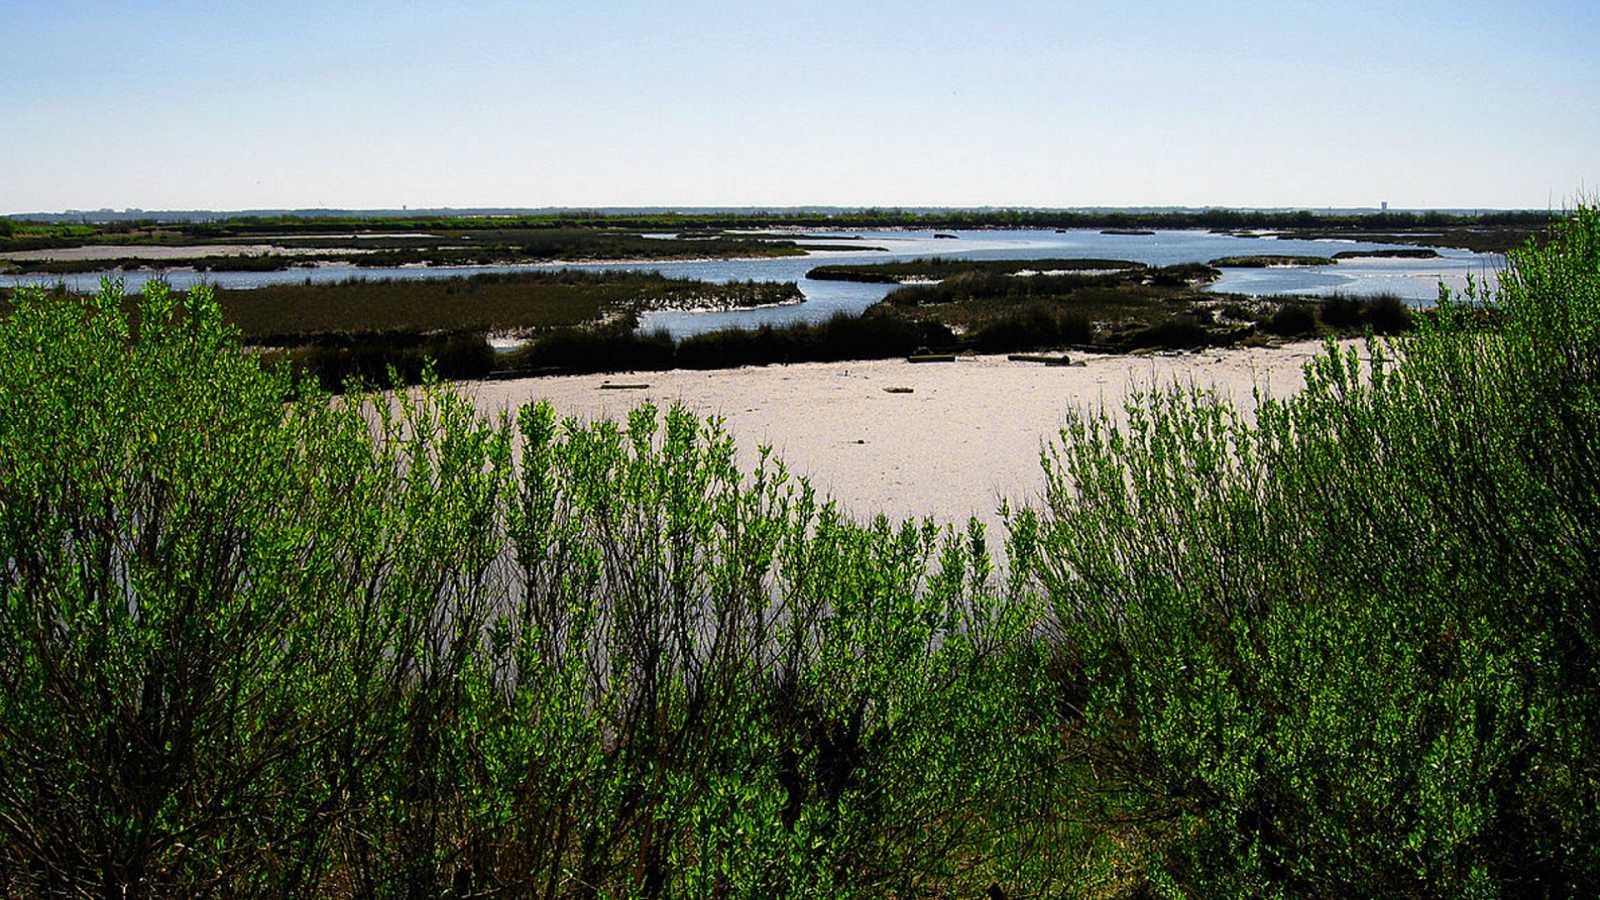 Mediterráneo - SOS Costa Brava y Areas Protegidas del Mediterráneo - 04/10/20 - escuchar ahora